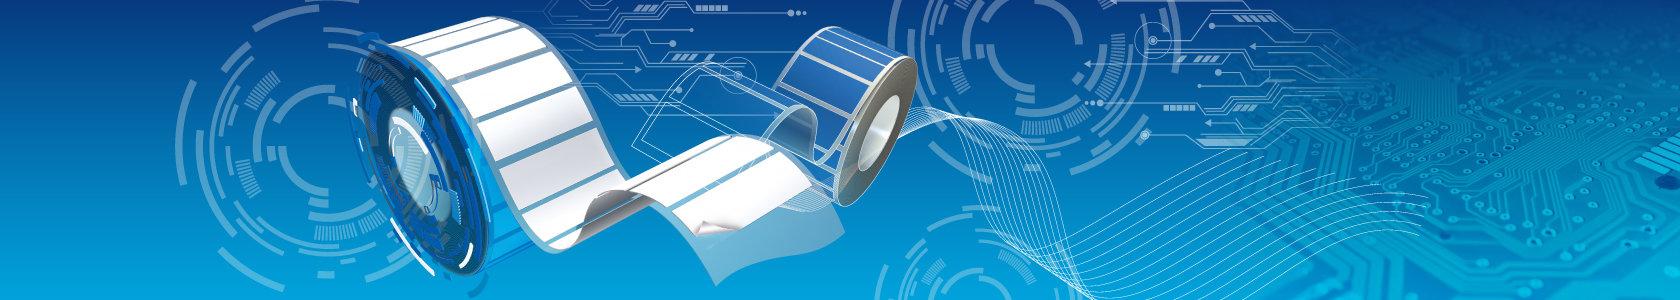 ייצור חיתוך והדפסת כל סוגי המדבקות בגלילים